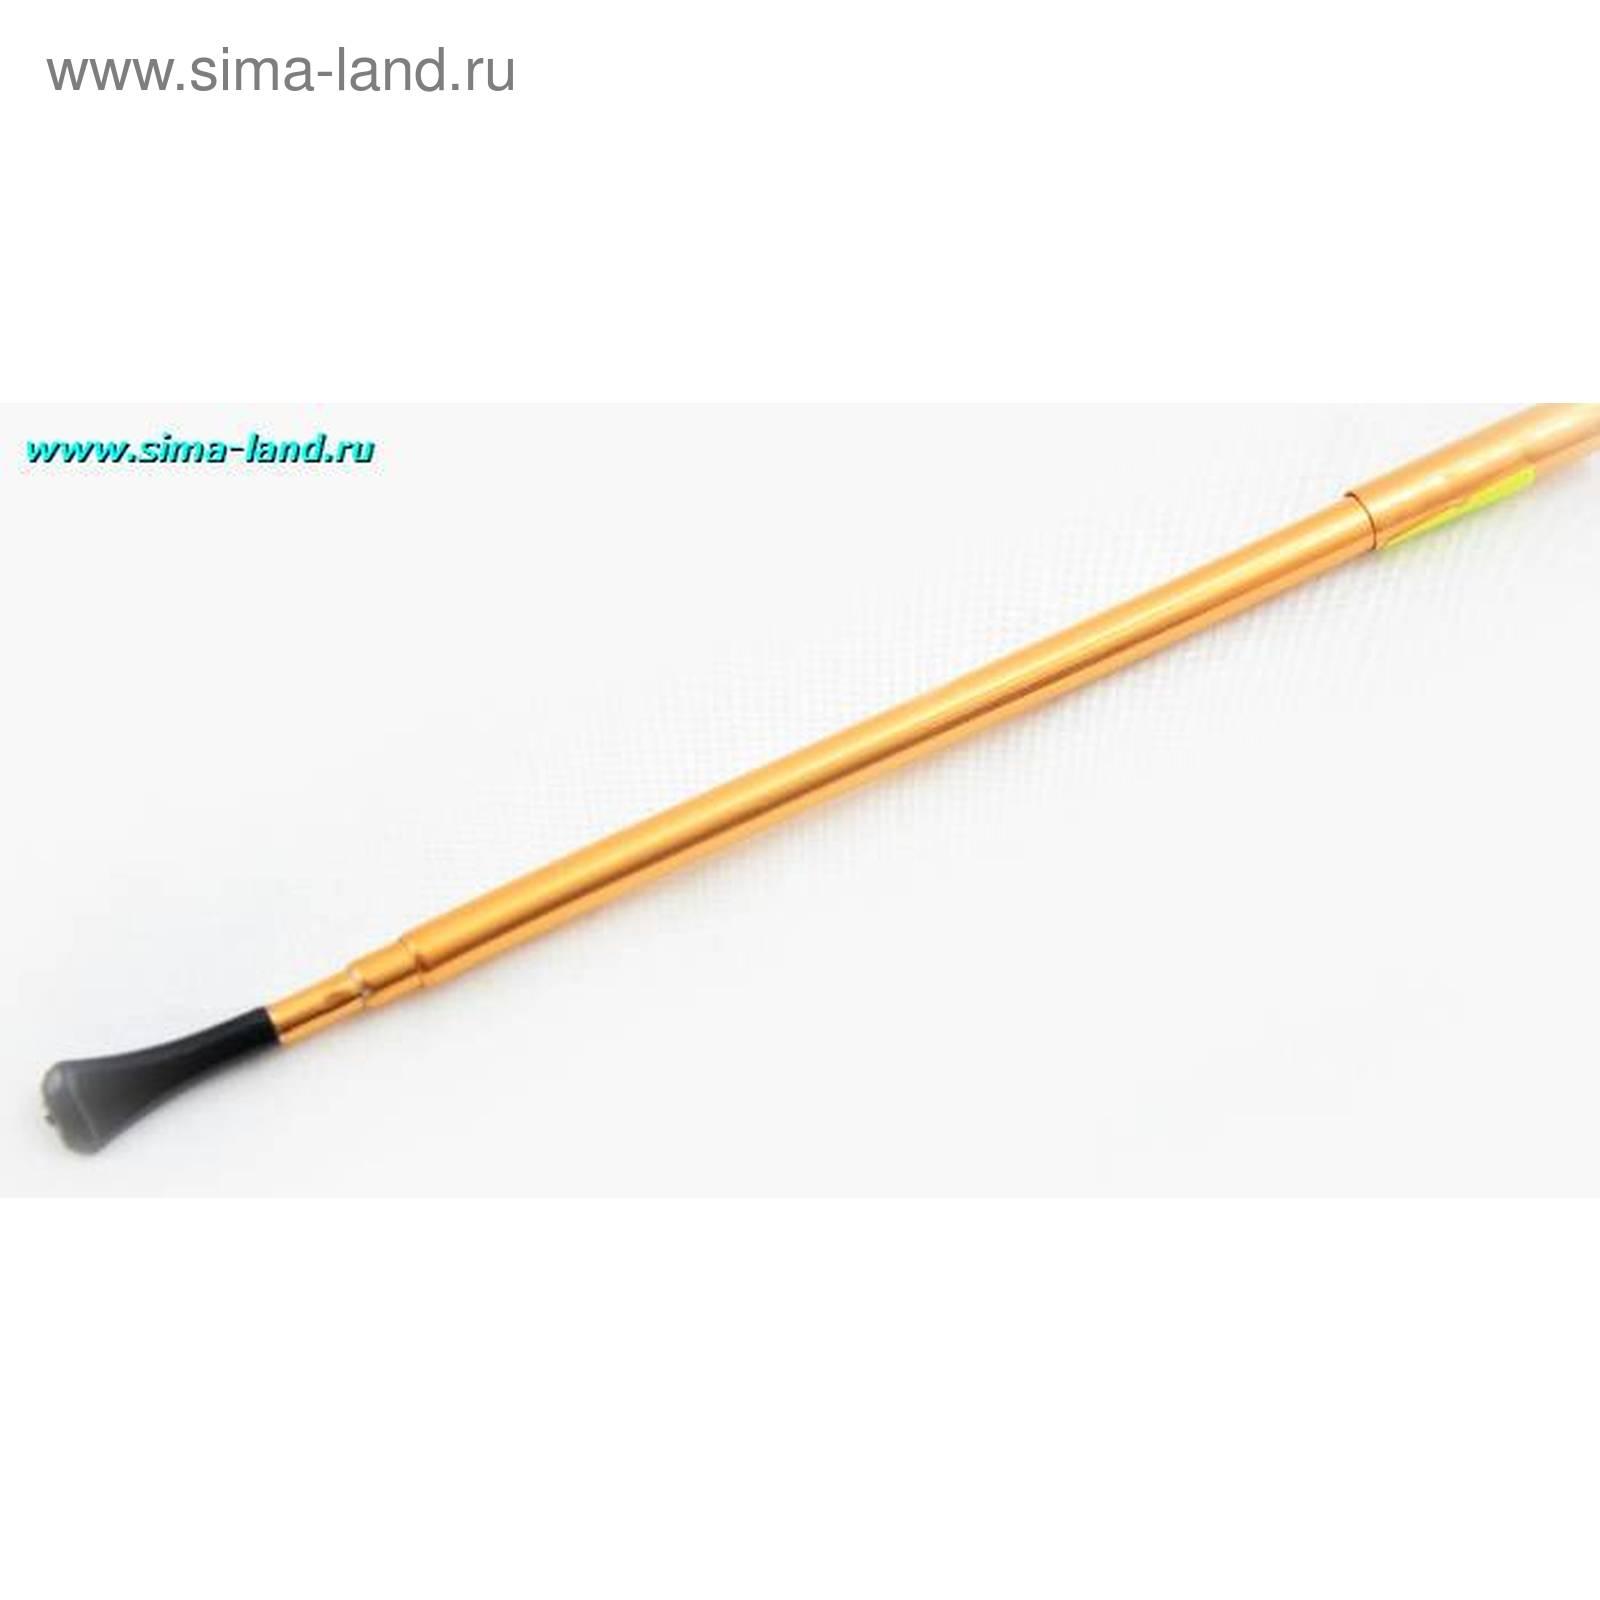 Мундштук для сигарет женский купить екатеринбург табак оптом казахстан